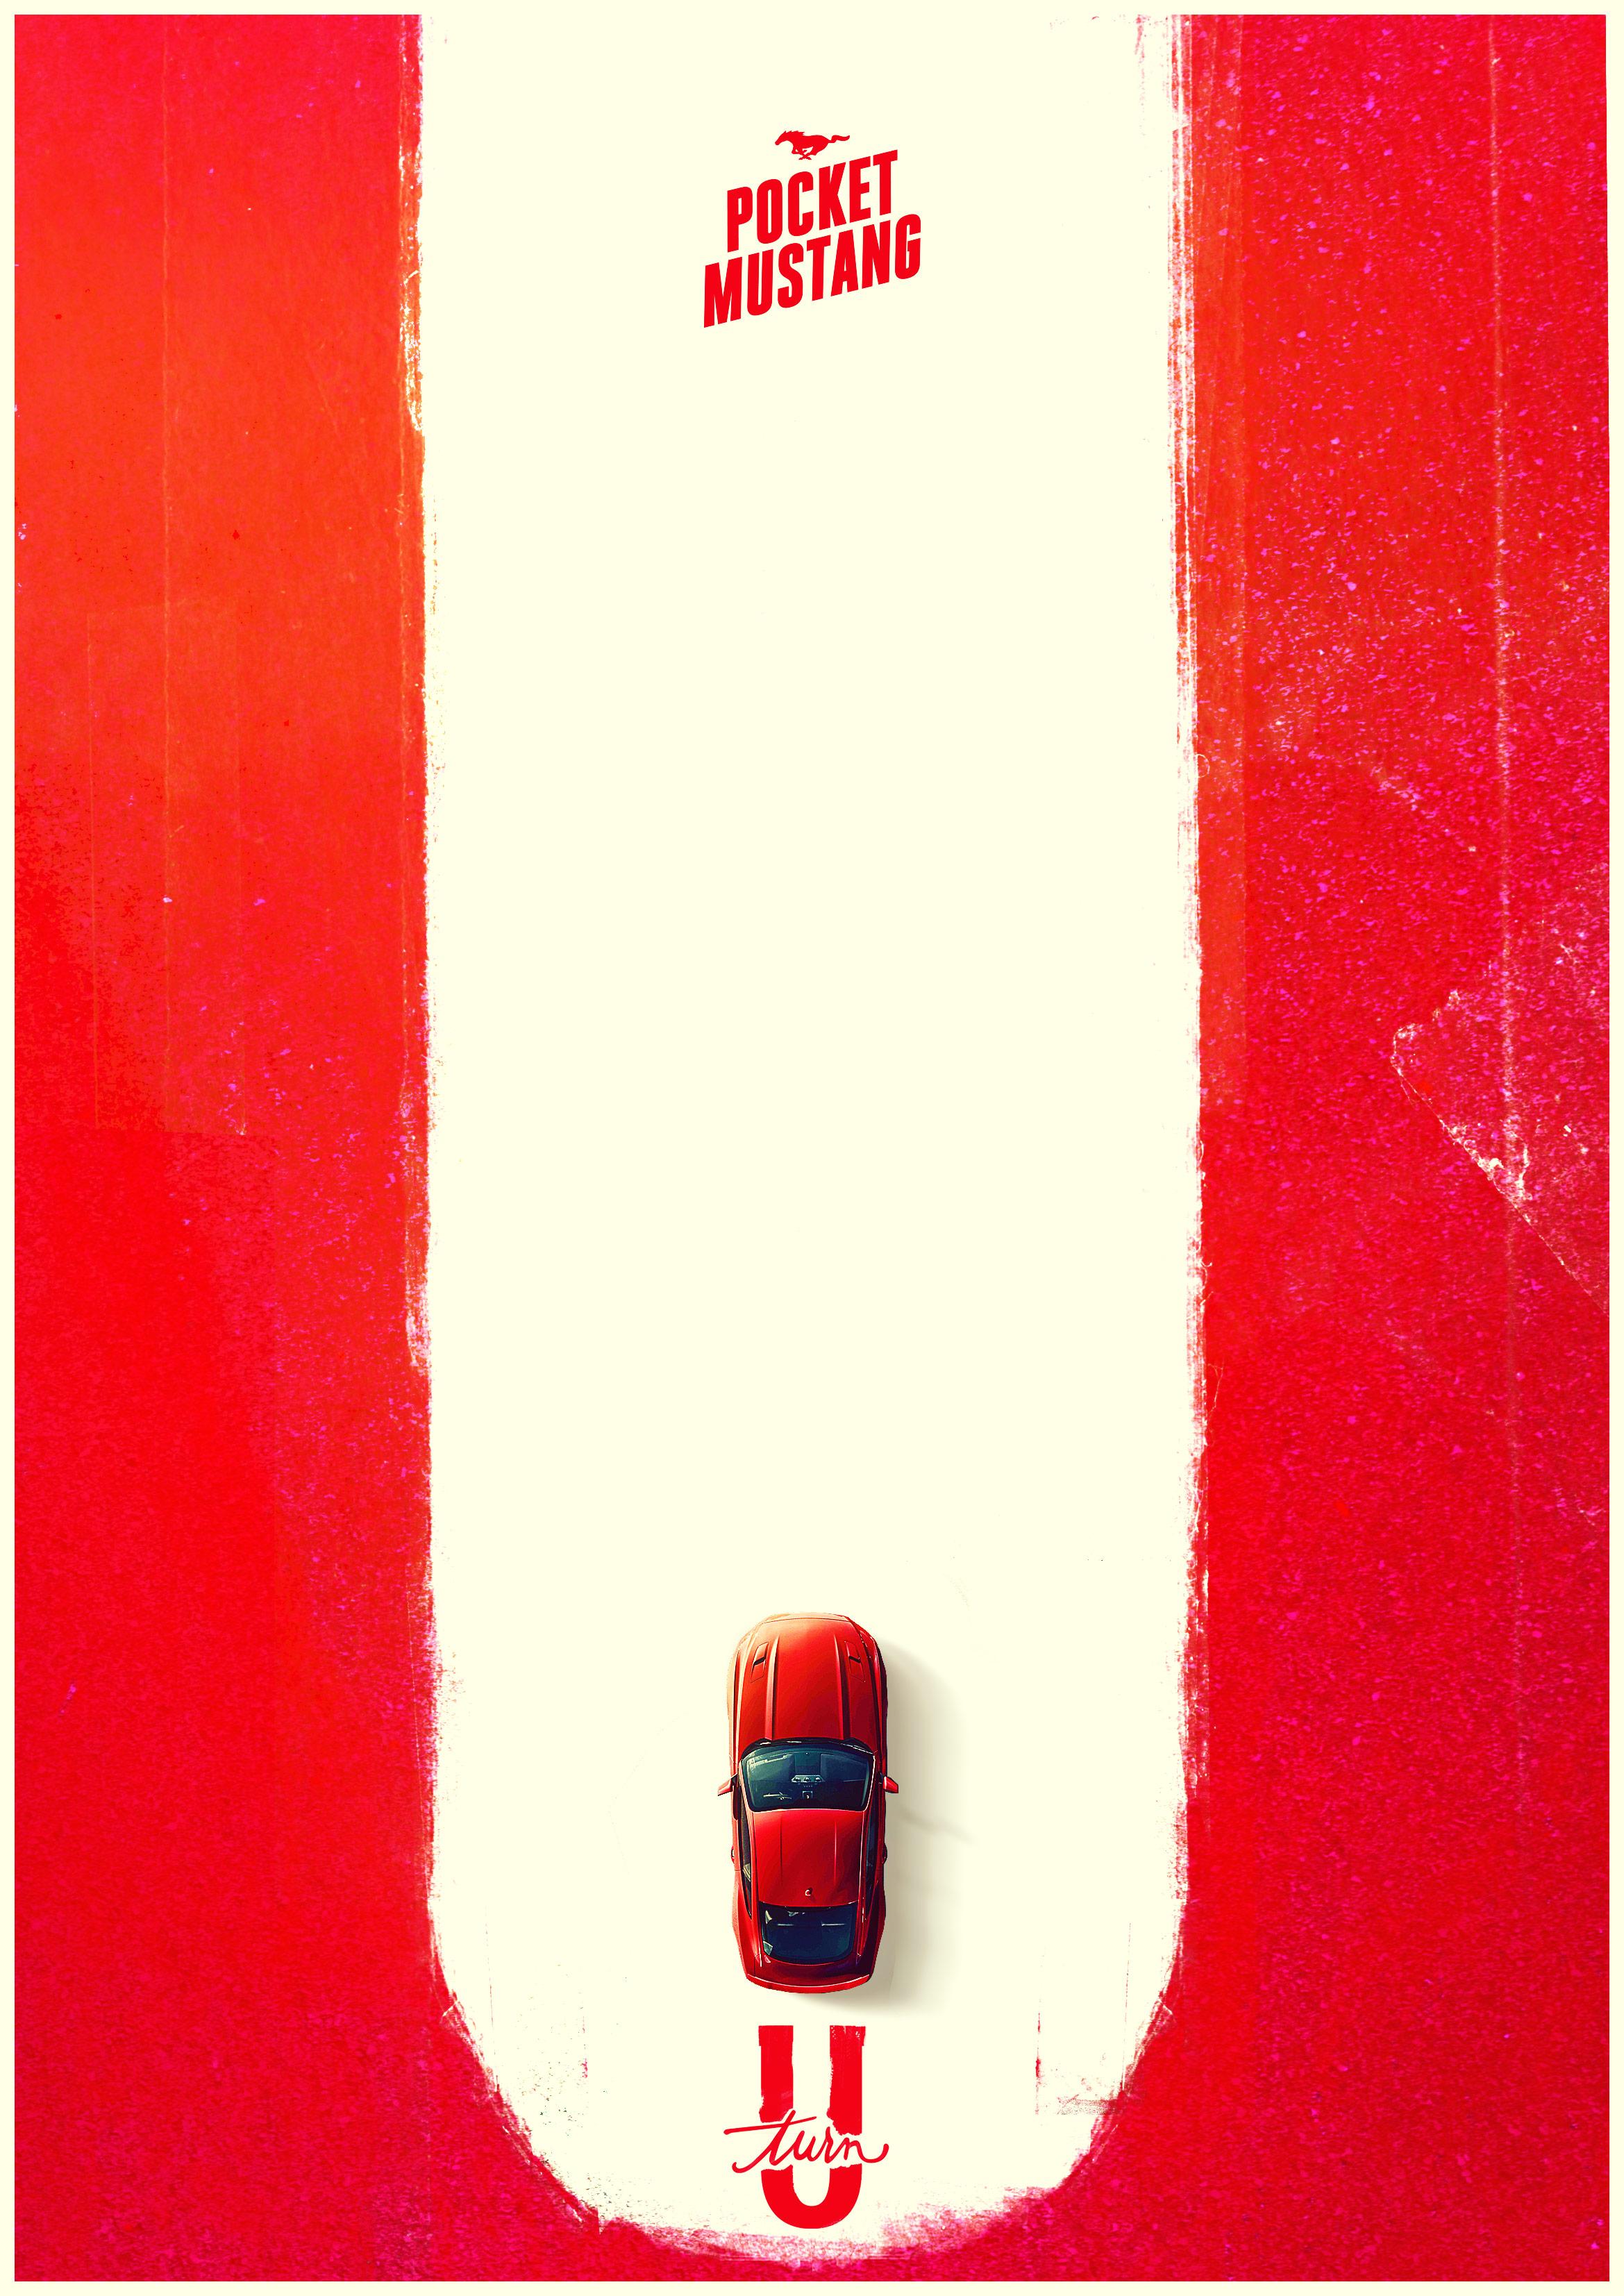 PocketMustang_poster_UTurn